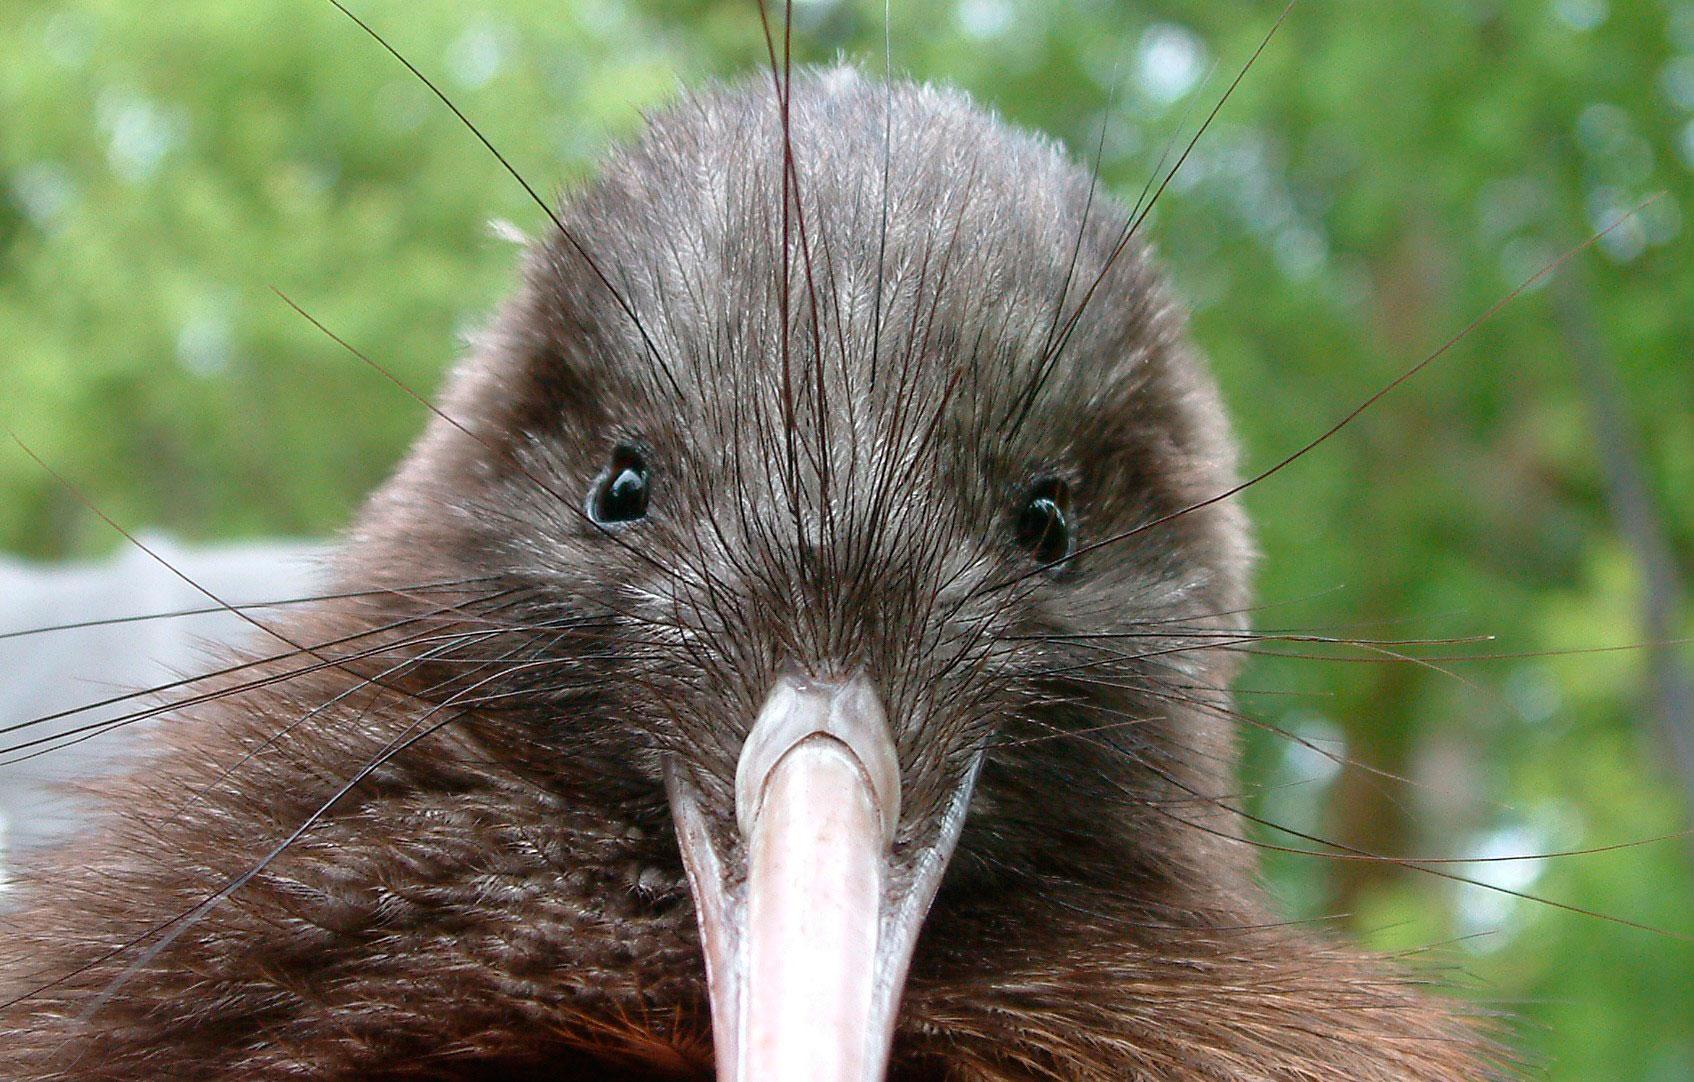 Ківі (птах): цікаві факти, опис, особливості. Птах ківі